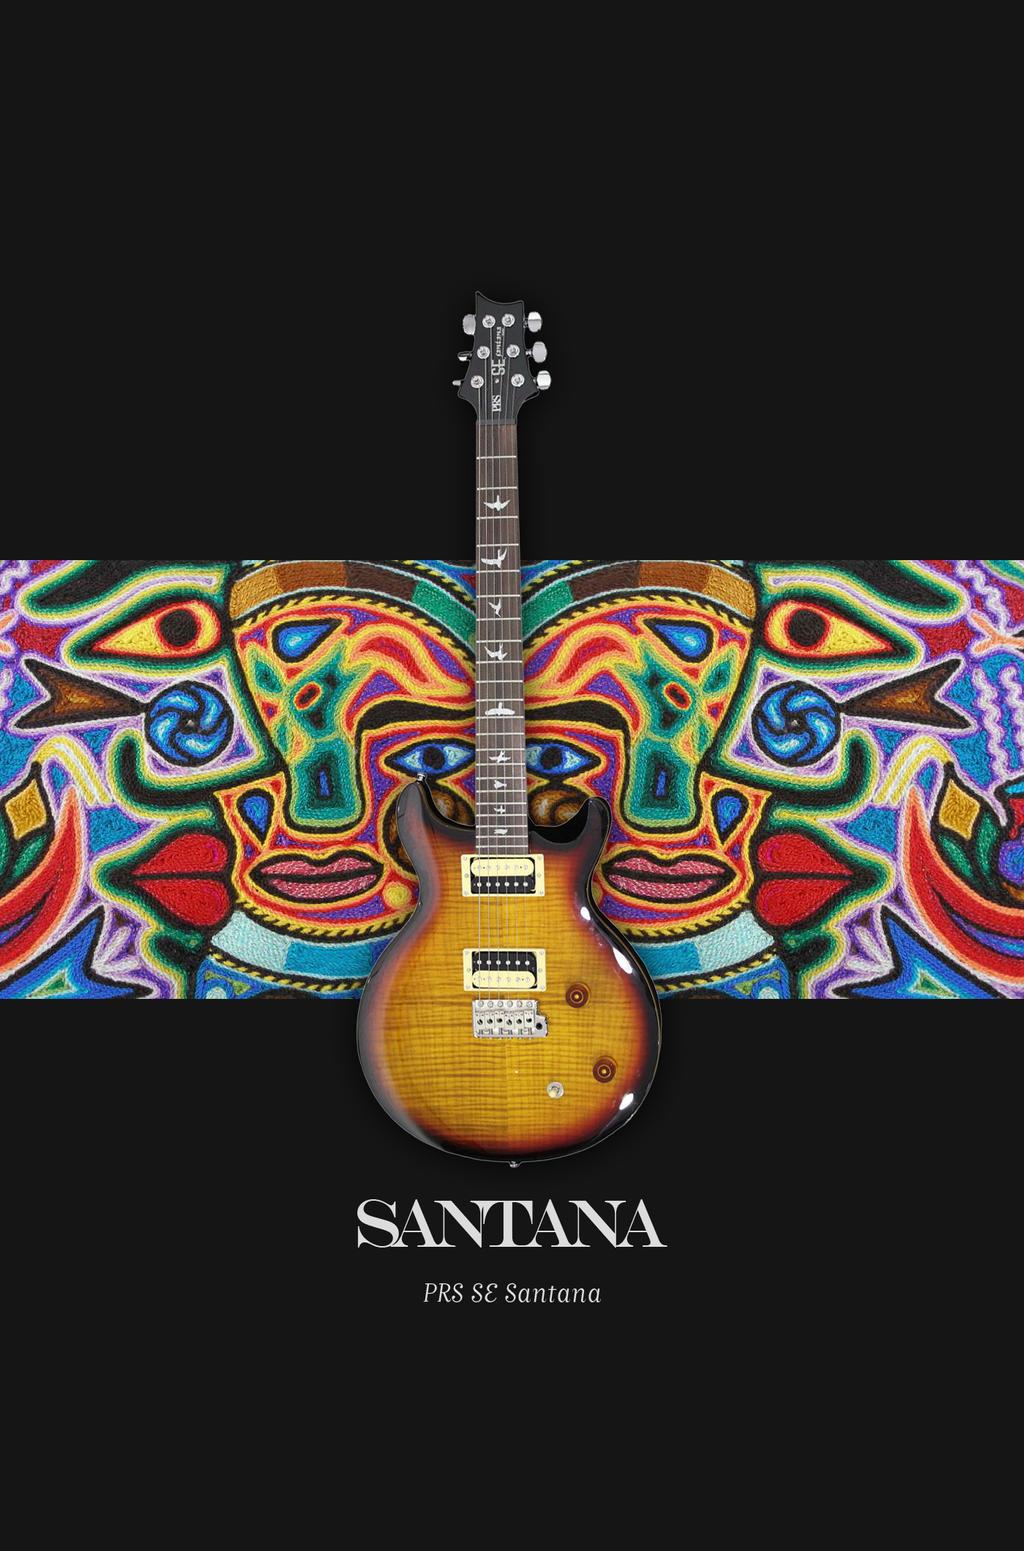 Santana by SEEZ85